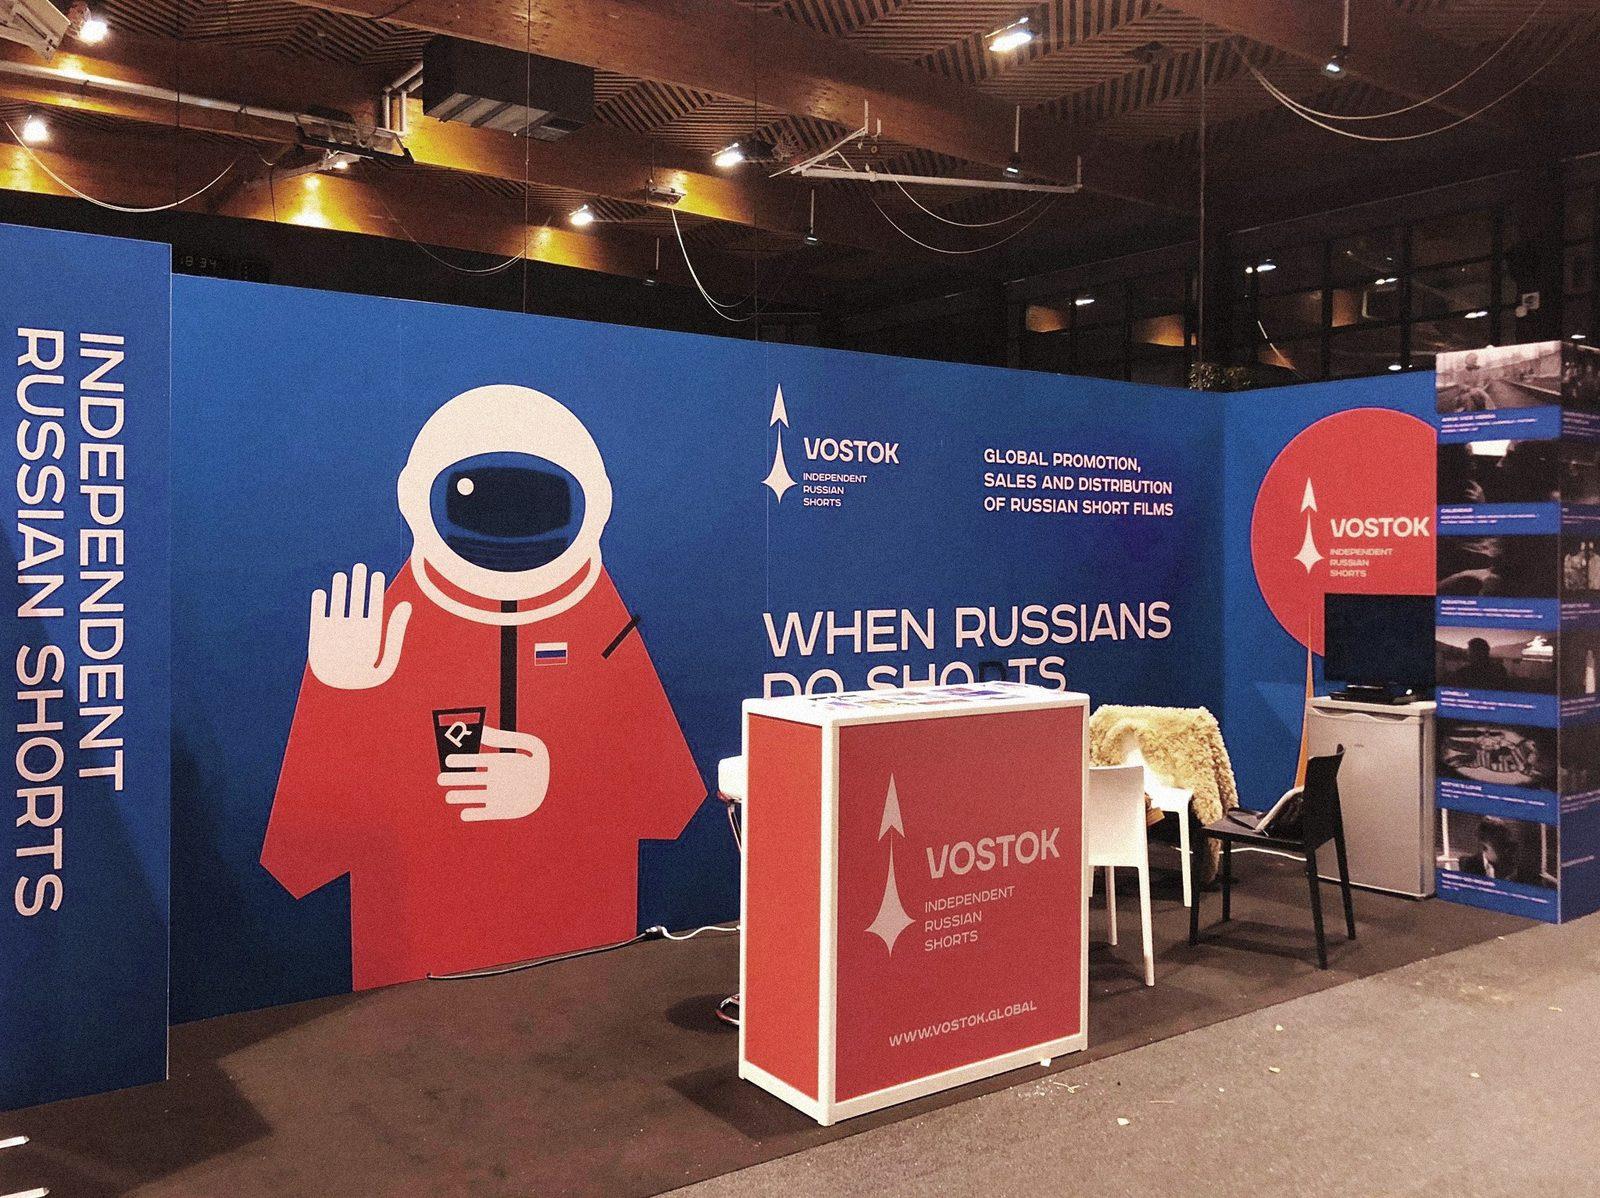 Российское агентство VOSTOK начинает сотрудничество с европейским копродукционным форумом короткого метра